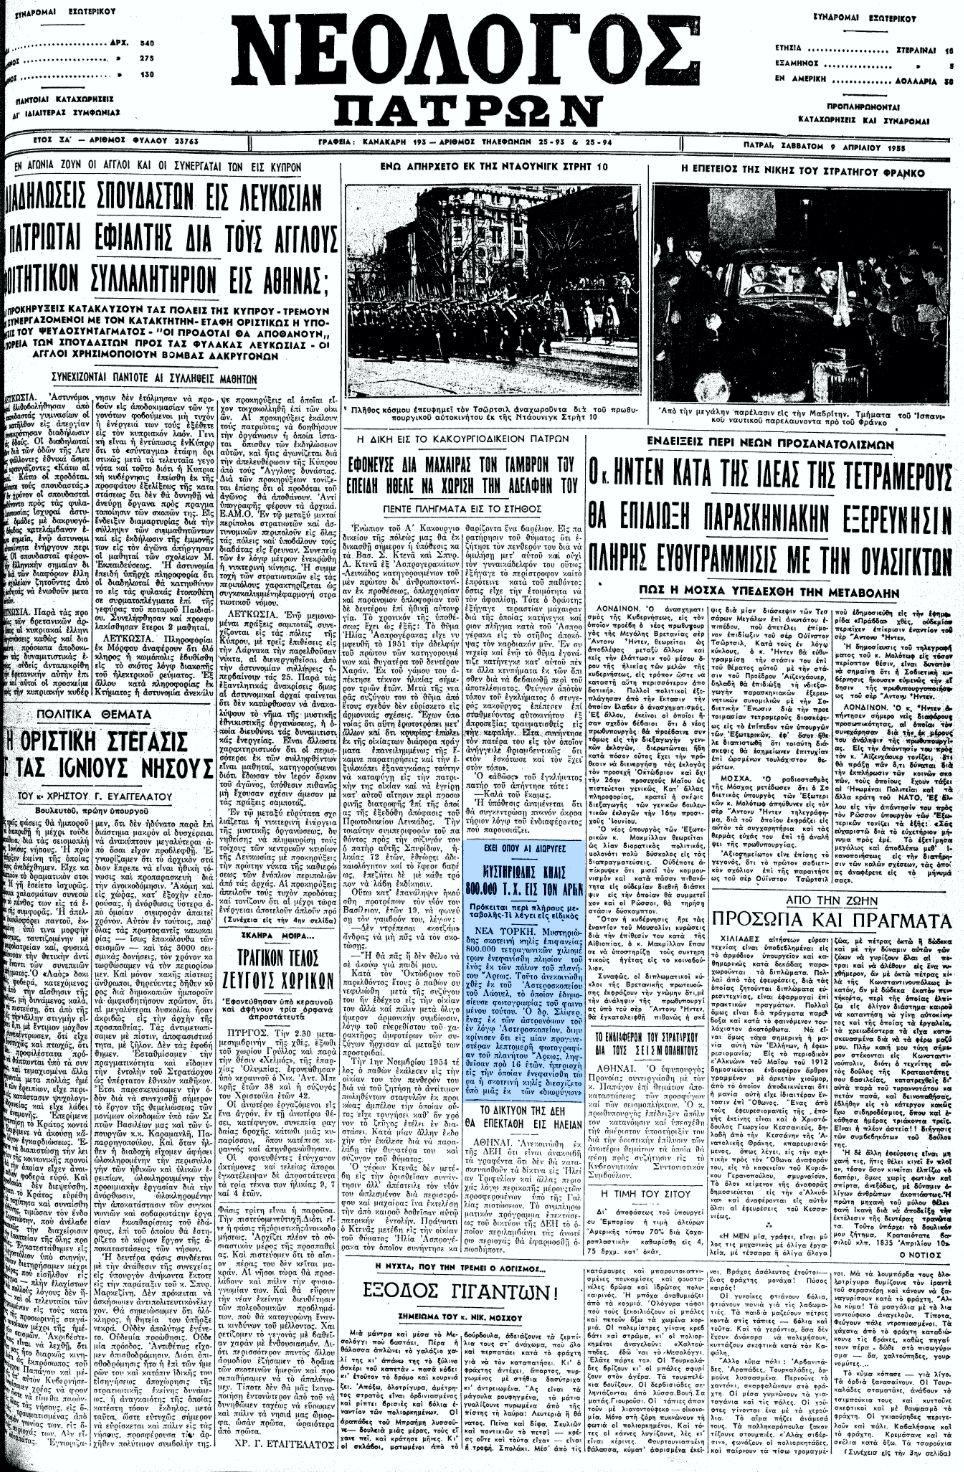 """Το άρθρο, όπως δημοσιεύθηκε στην εφημερίδα """"ΝΕΟΛΟΓΟΣ ΠΑΤΡΩΝ"""", στις 09/04/1955"""